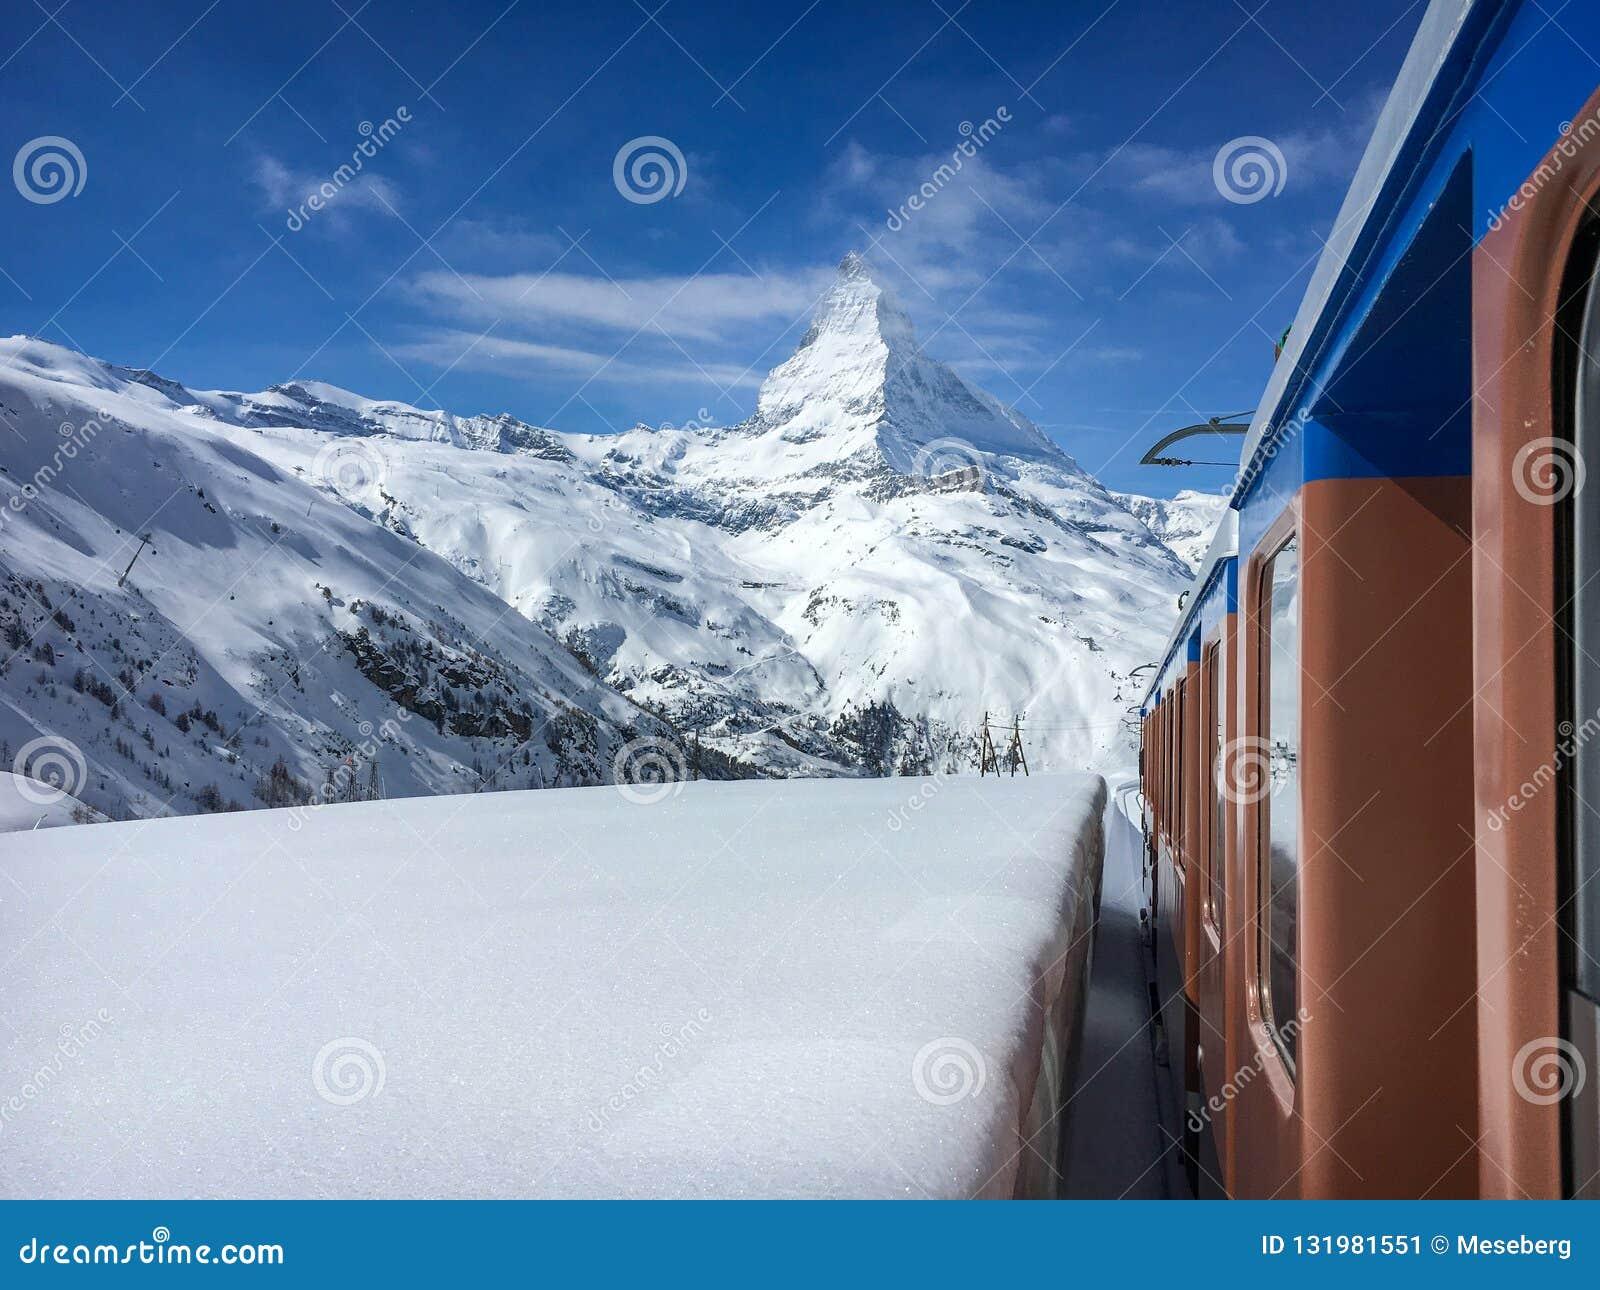 Matterhorn mountain and alpine landscape with Gornergrat railway